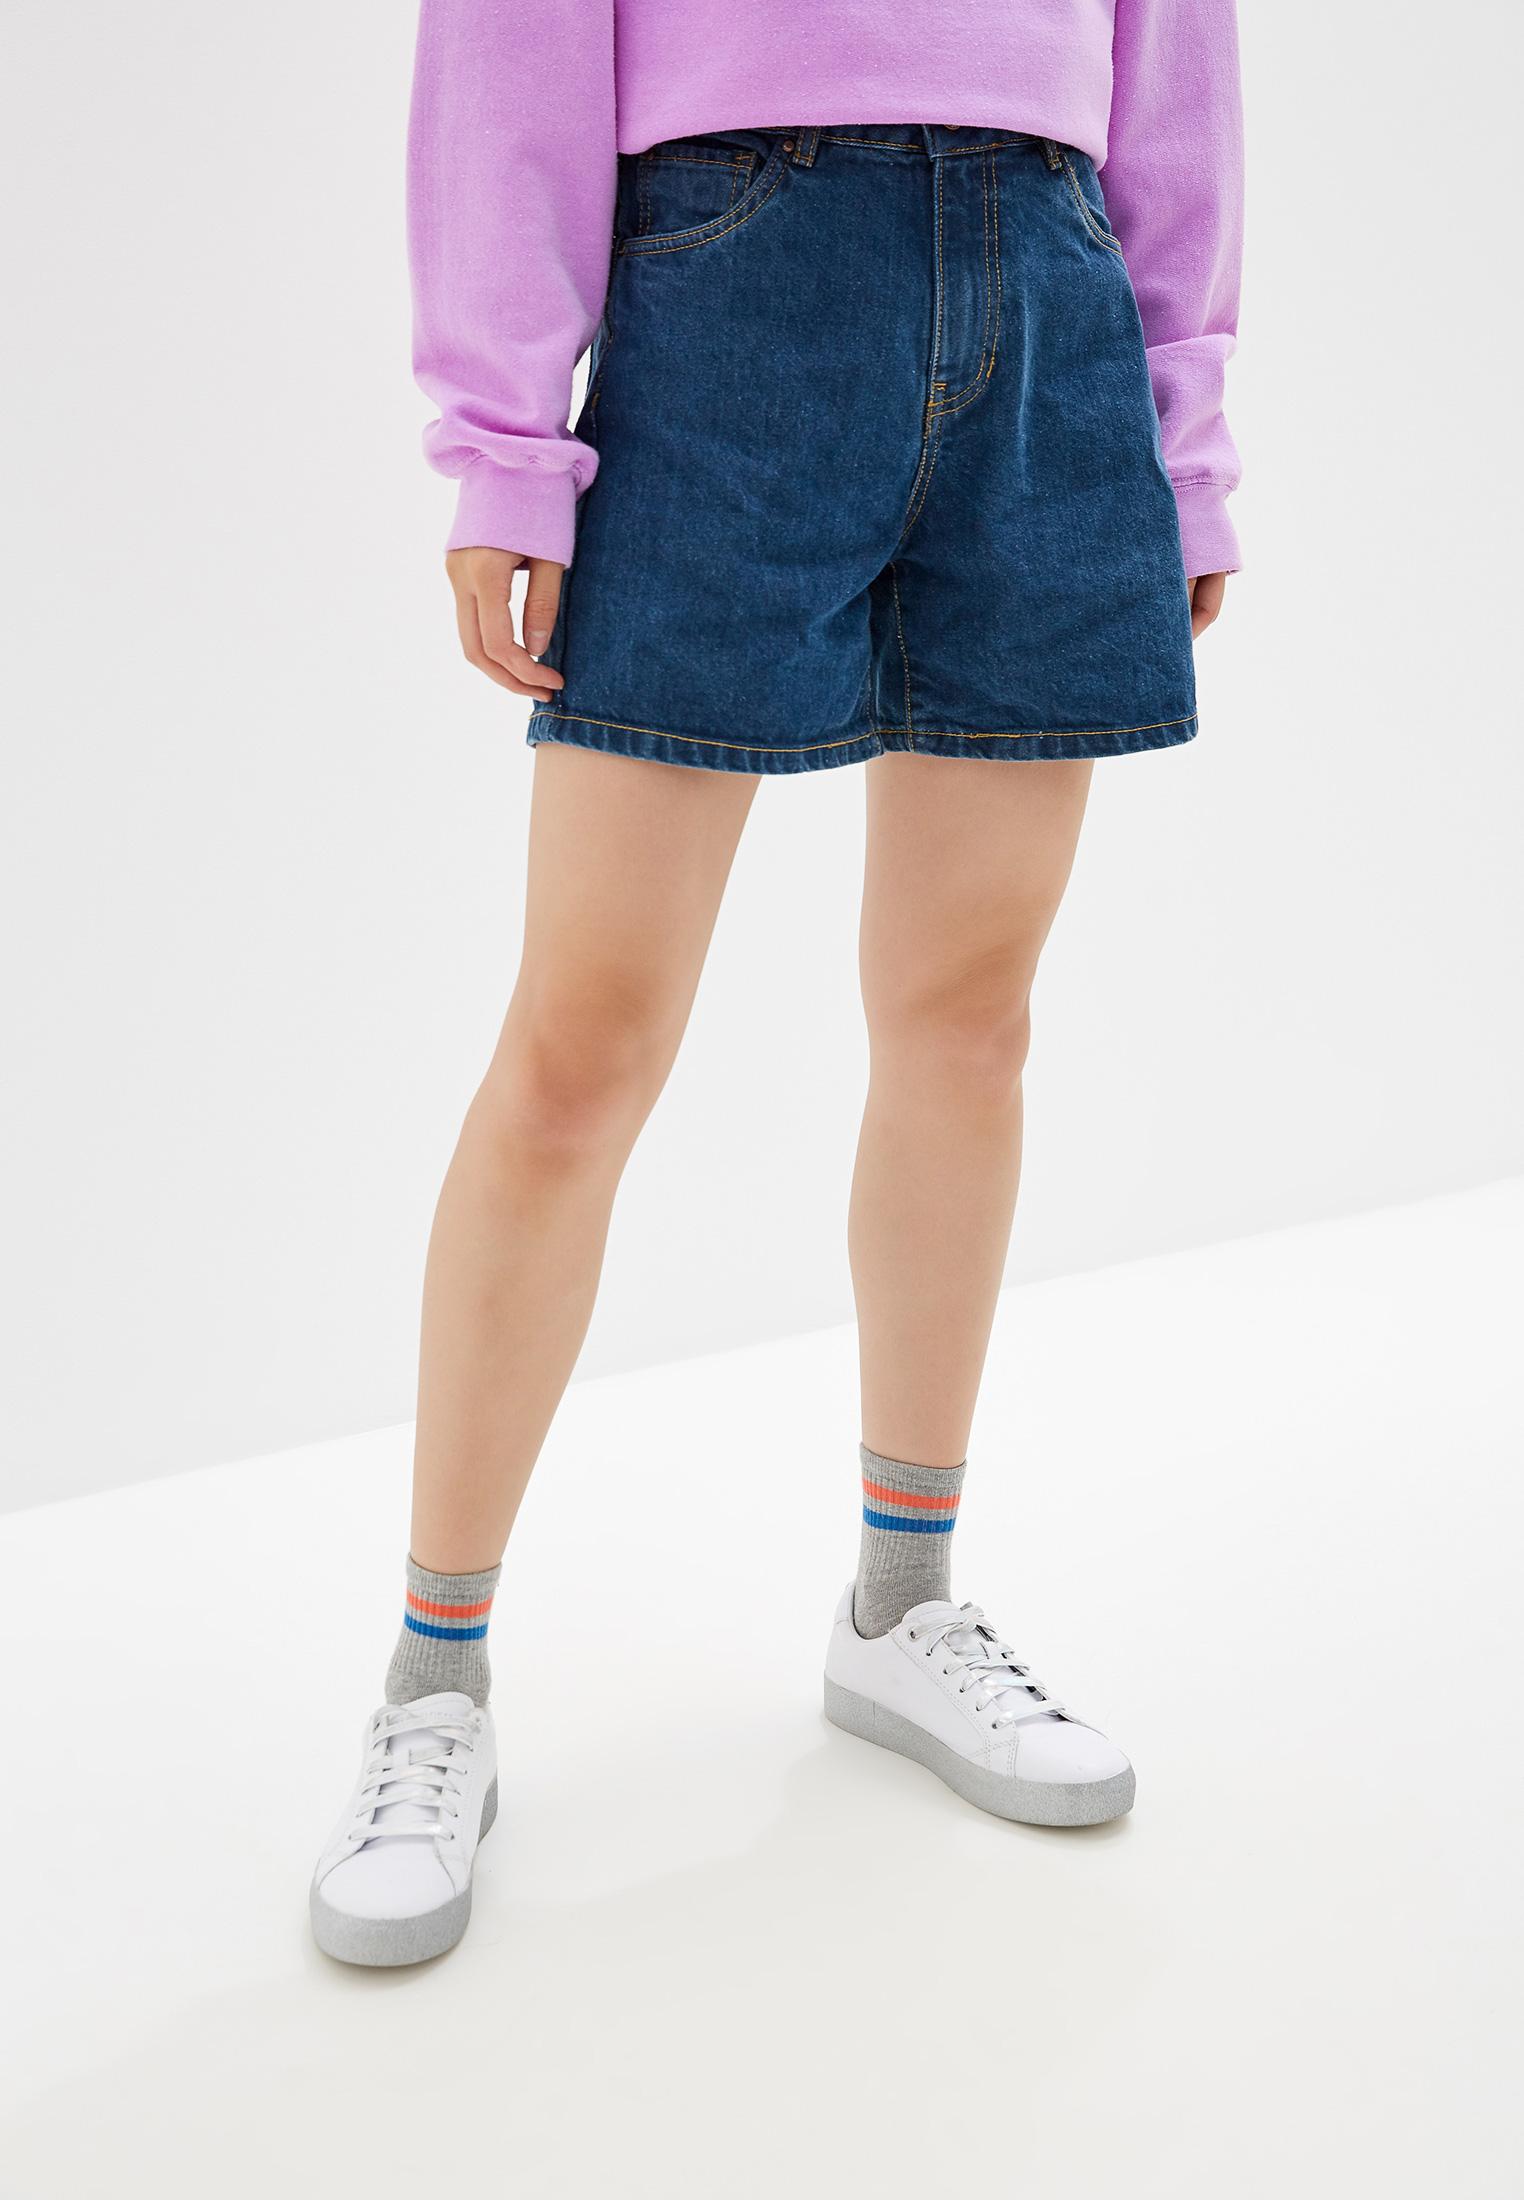 Женские джинсовые шорты Pink Woman 3111.119